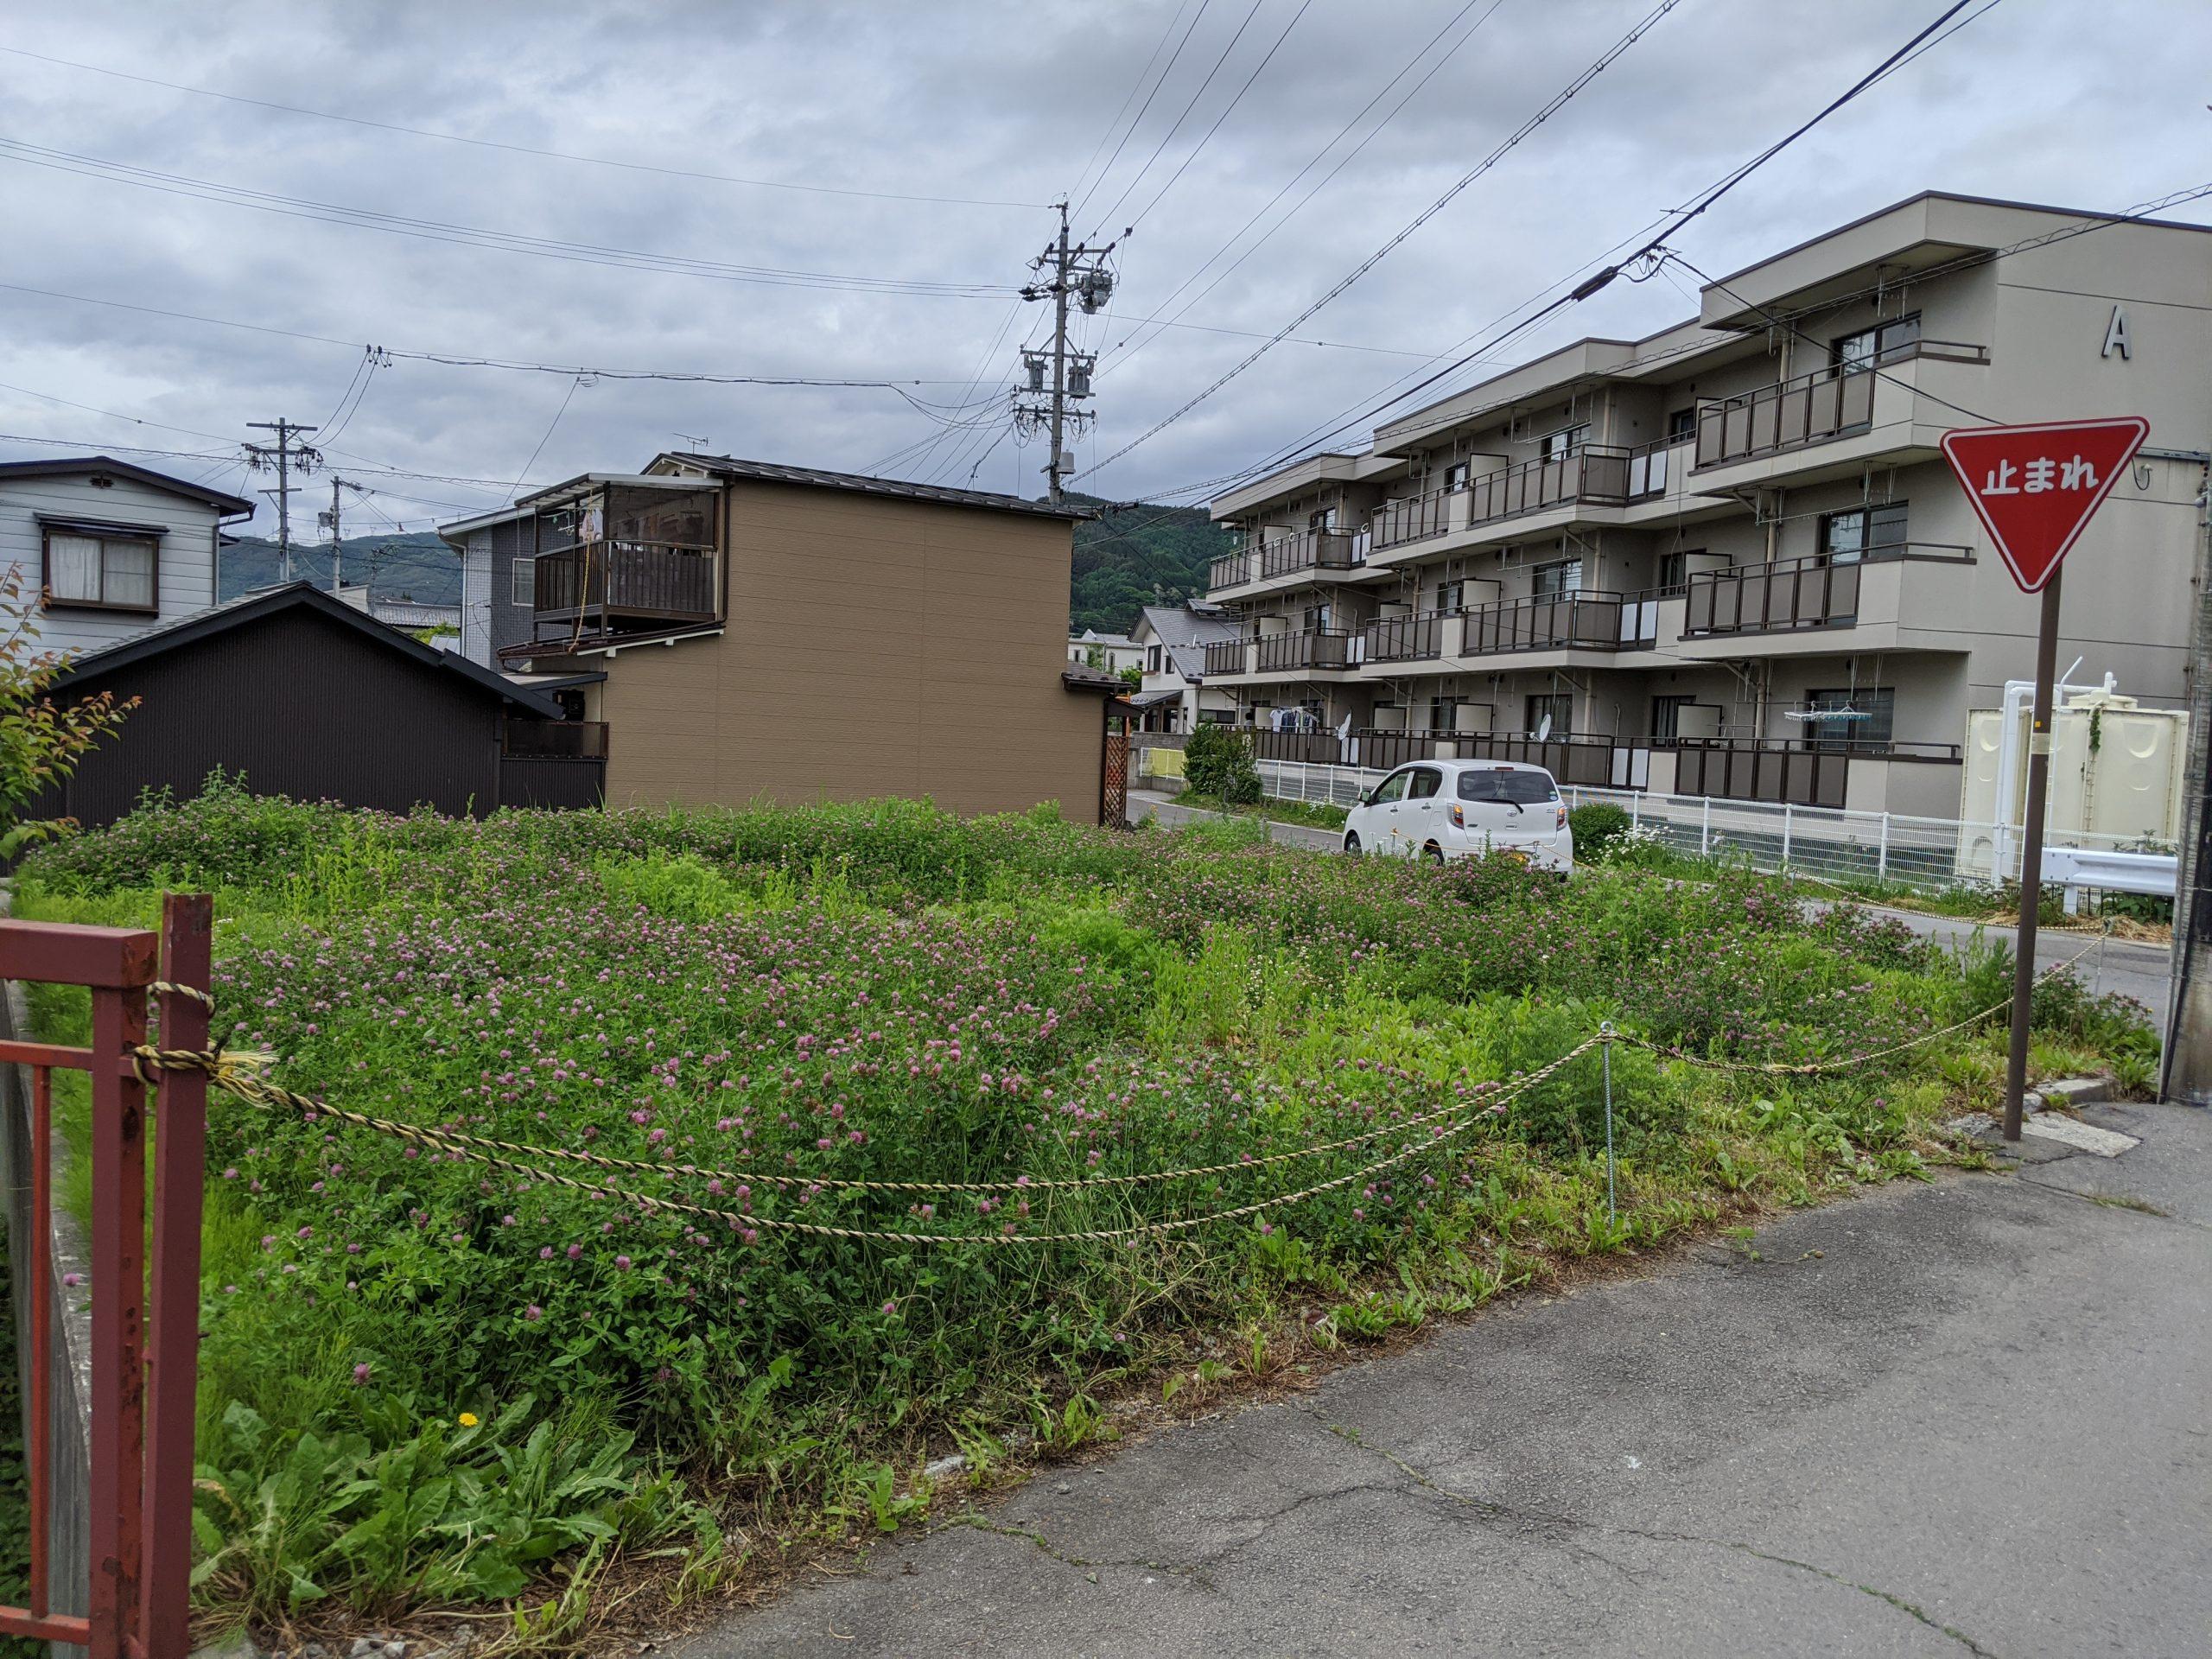 下諏訪町桜町321-2 Ⓐ